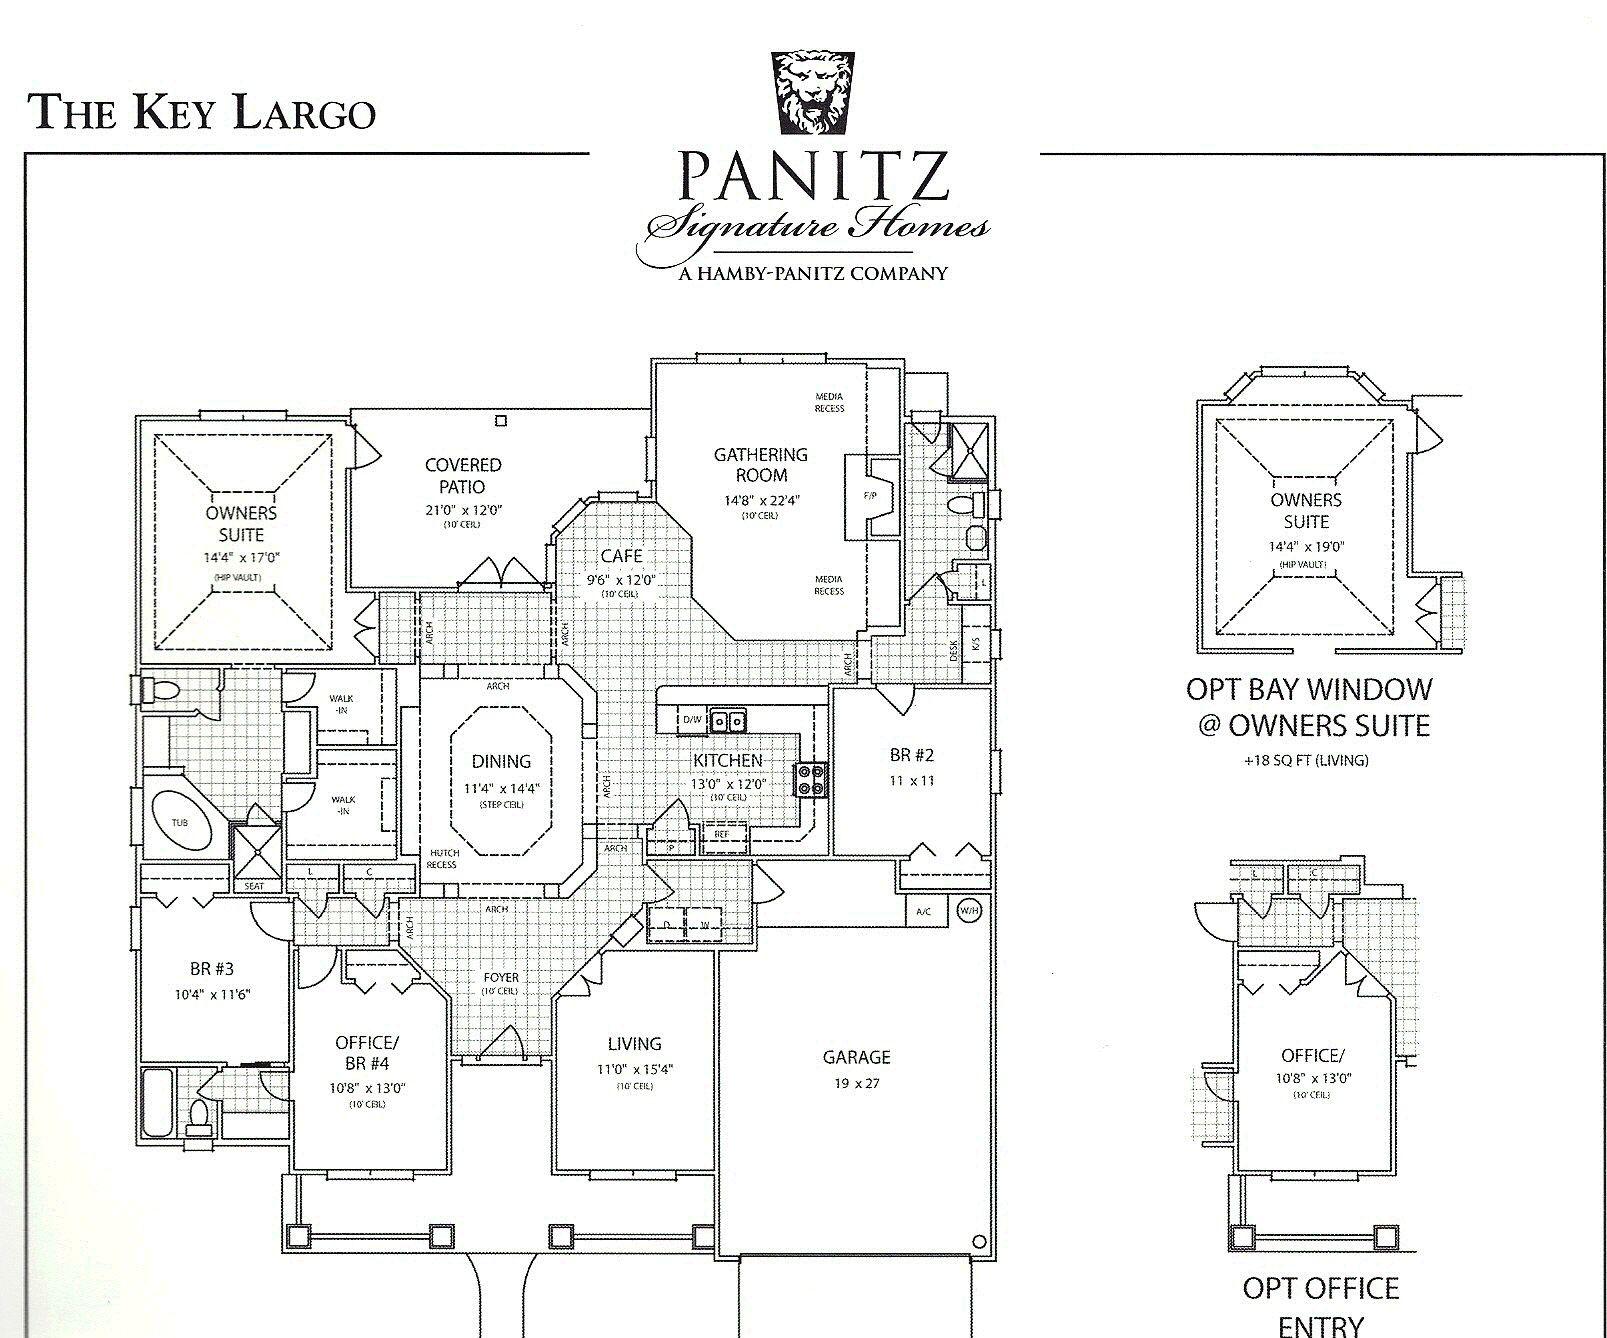 Unique master bedroom suite floor plans house floor ideas for 20 x 20 master bedroom plans